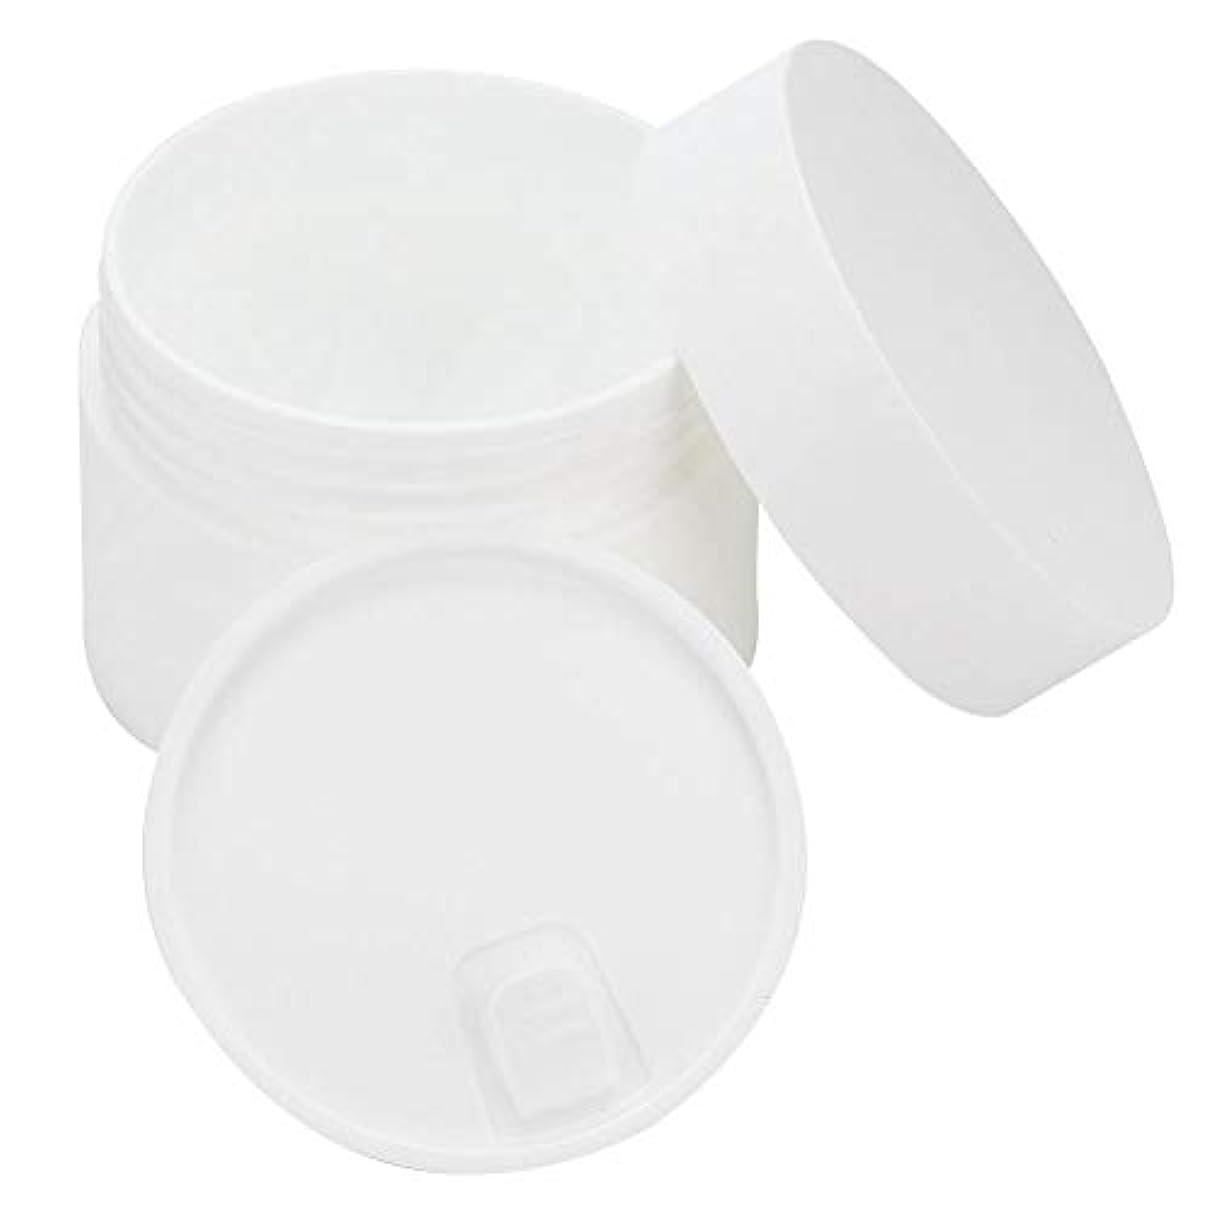 ピーク航海ガード30g空の旅行フェイシャルクリームボトル充填可能なスキンケア製品容器ボトルDIYマスクボトル